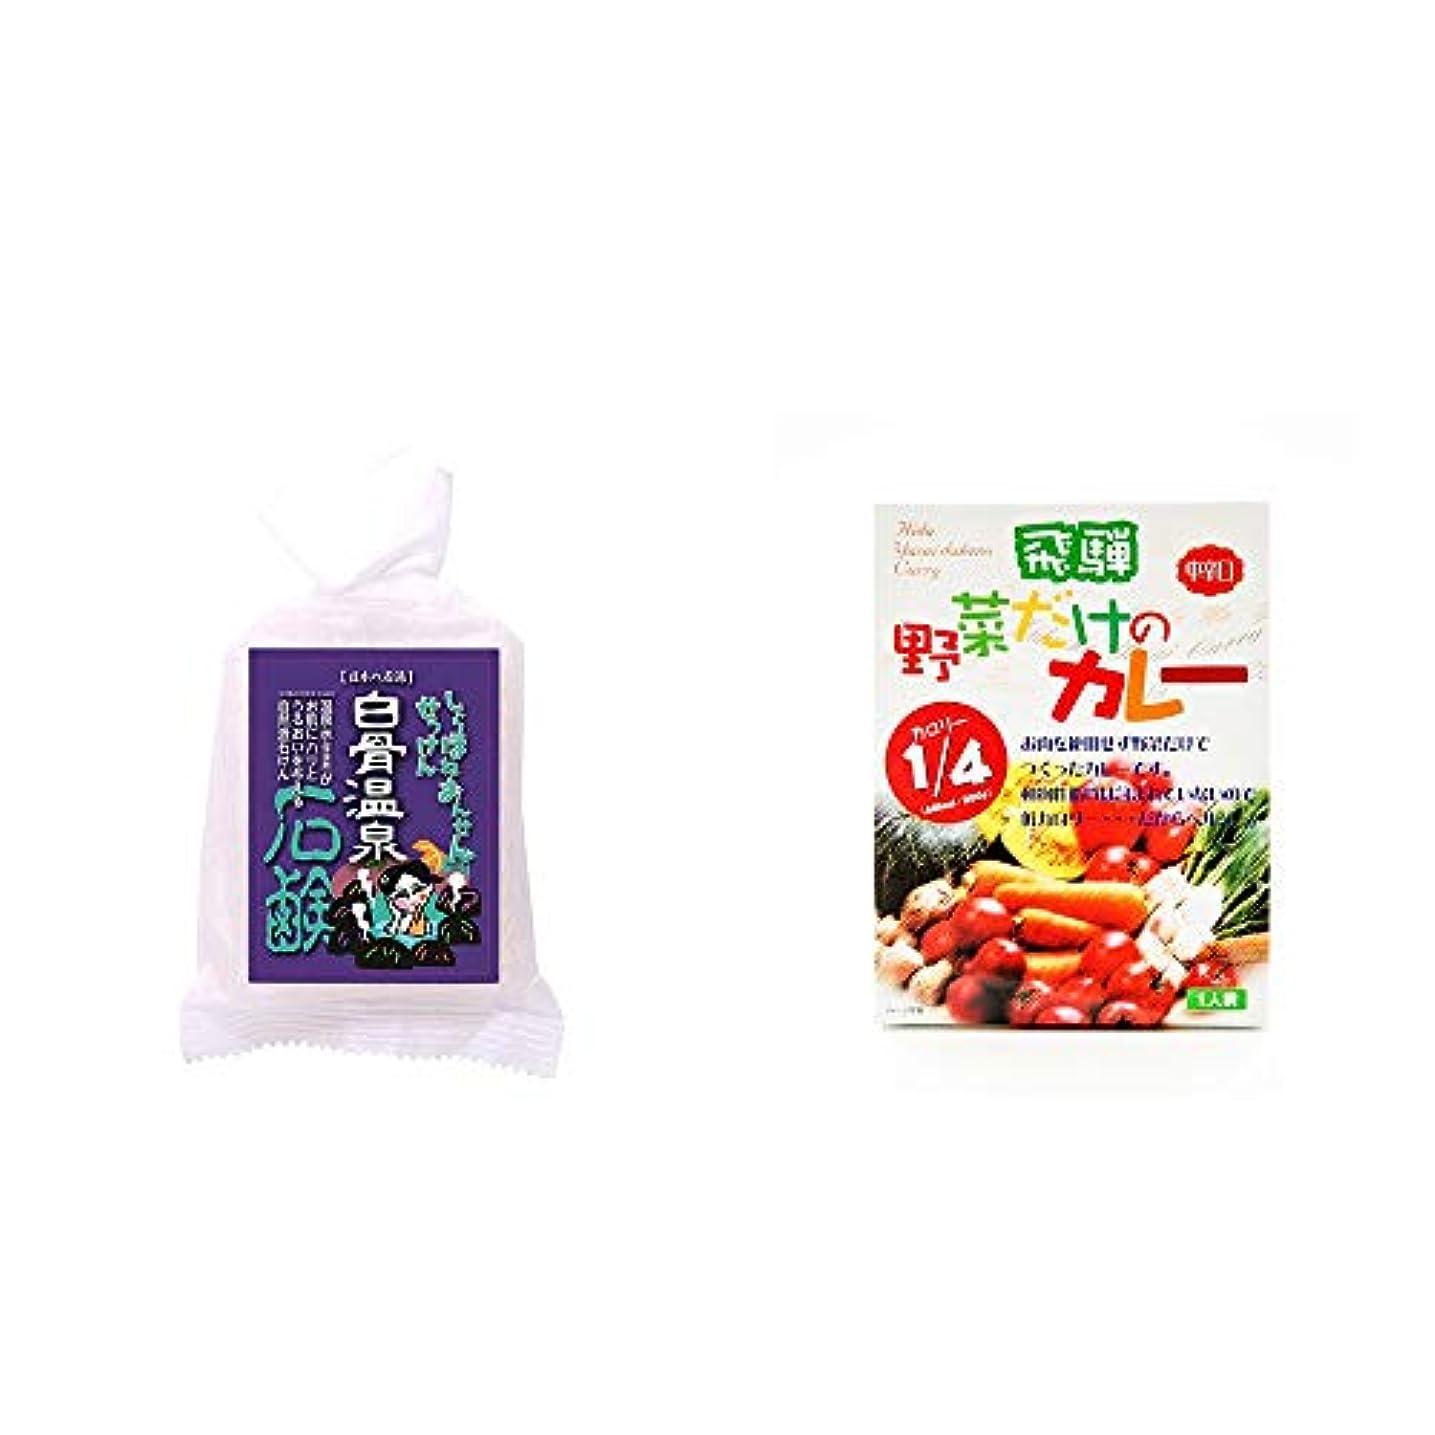 散らすからかうくすぐったい[2点セット] 信州 白骨温泉石鹸(80g)?天領食品 野菜だけのカレー 【中辛口】 (1食分)